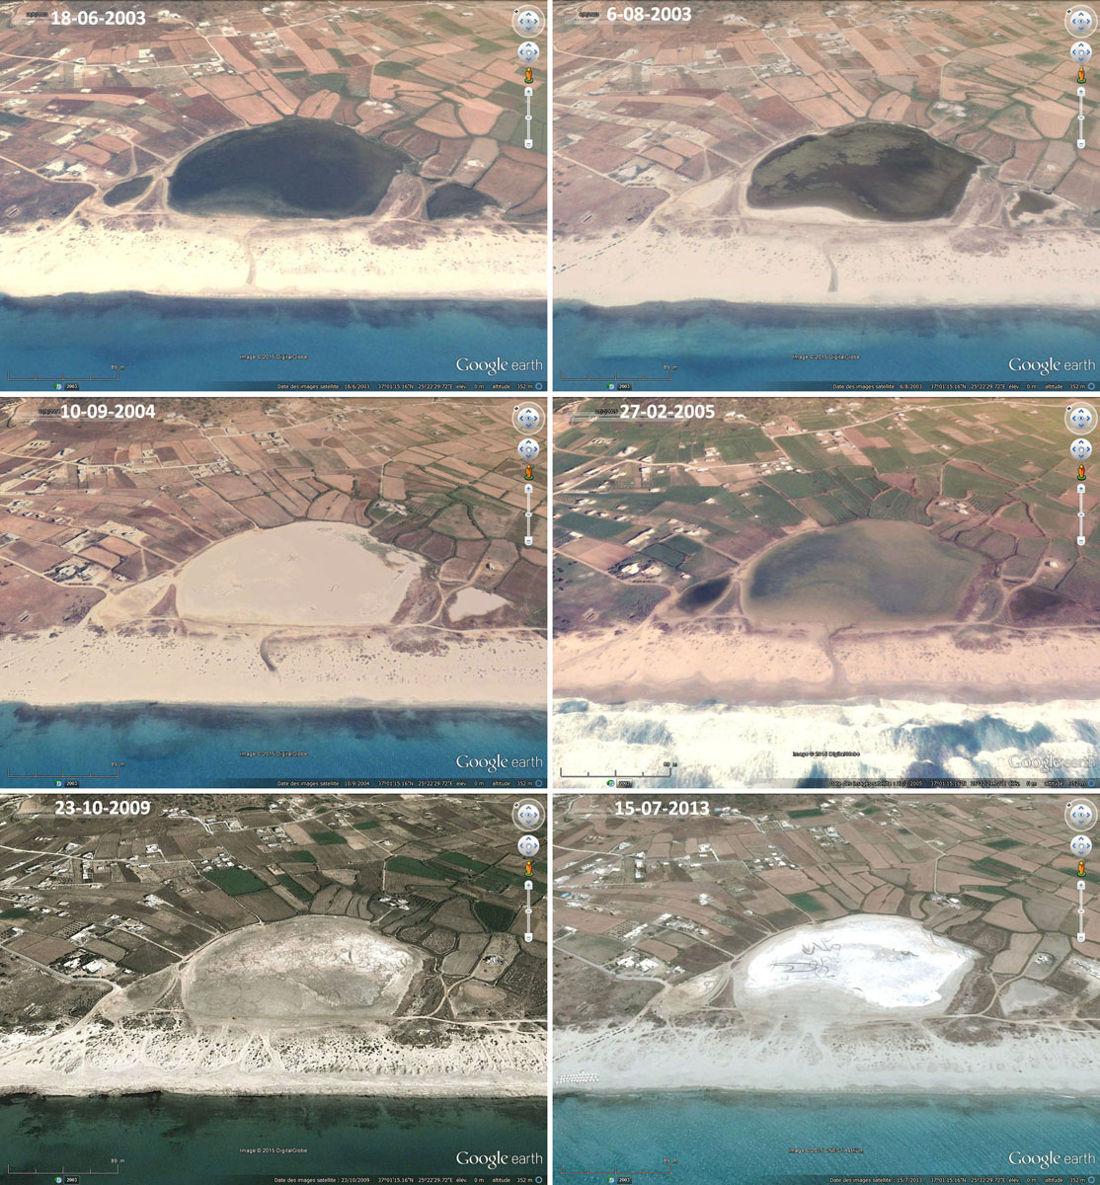 Série de 6 images prises entre 2003 et 2013 montrant l'évolution de la lagune de Mikri Vigla (Grèce) et l'origine probable du sel qui s'y dépose